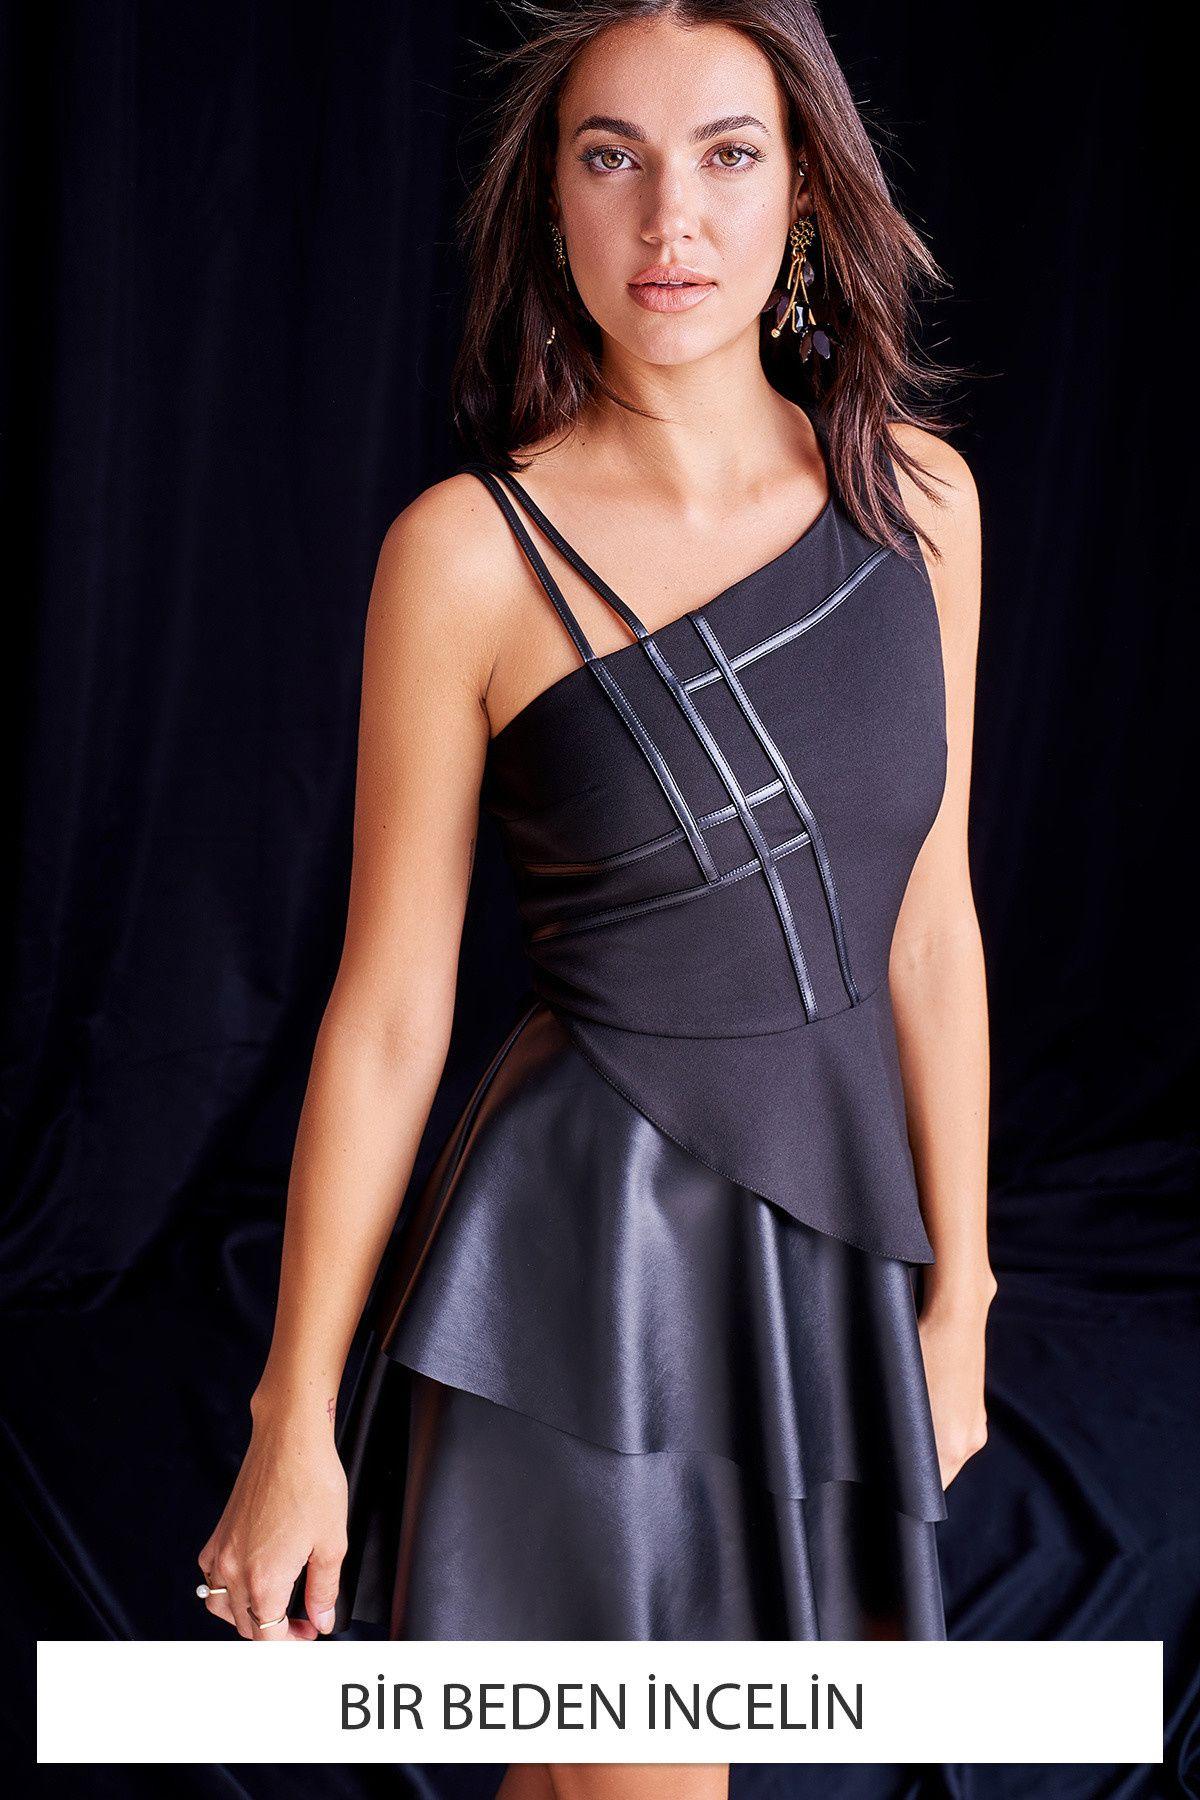 Siyah Deri Biye Detayli Bir Beden Incelin Elbise Trendyolmilla Trendyol Elbise Moda Stilleri Sifon Elbise